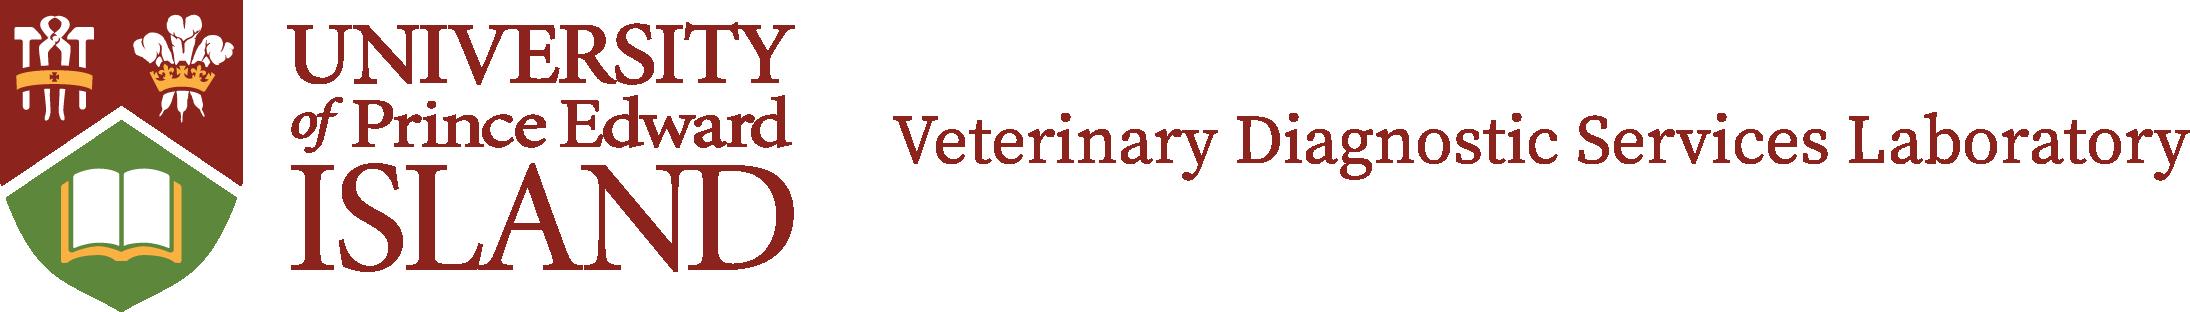 Veterinary Diagnostic Services Laboratory | UPEI